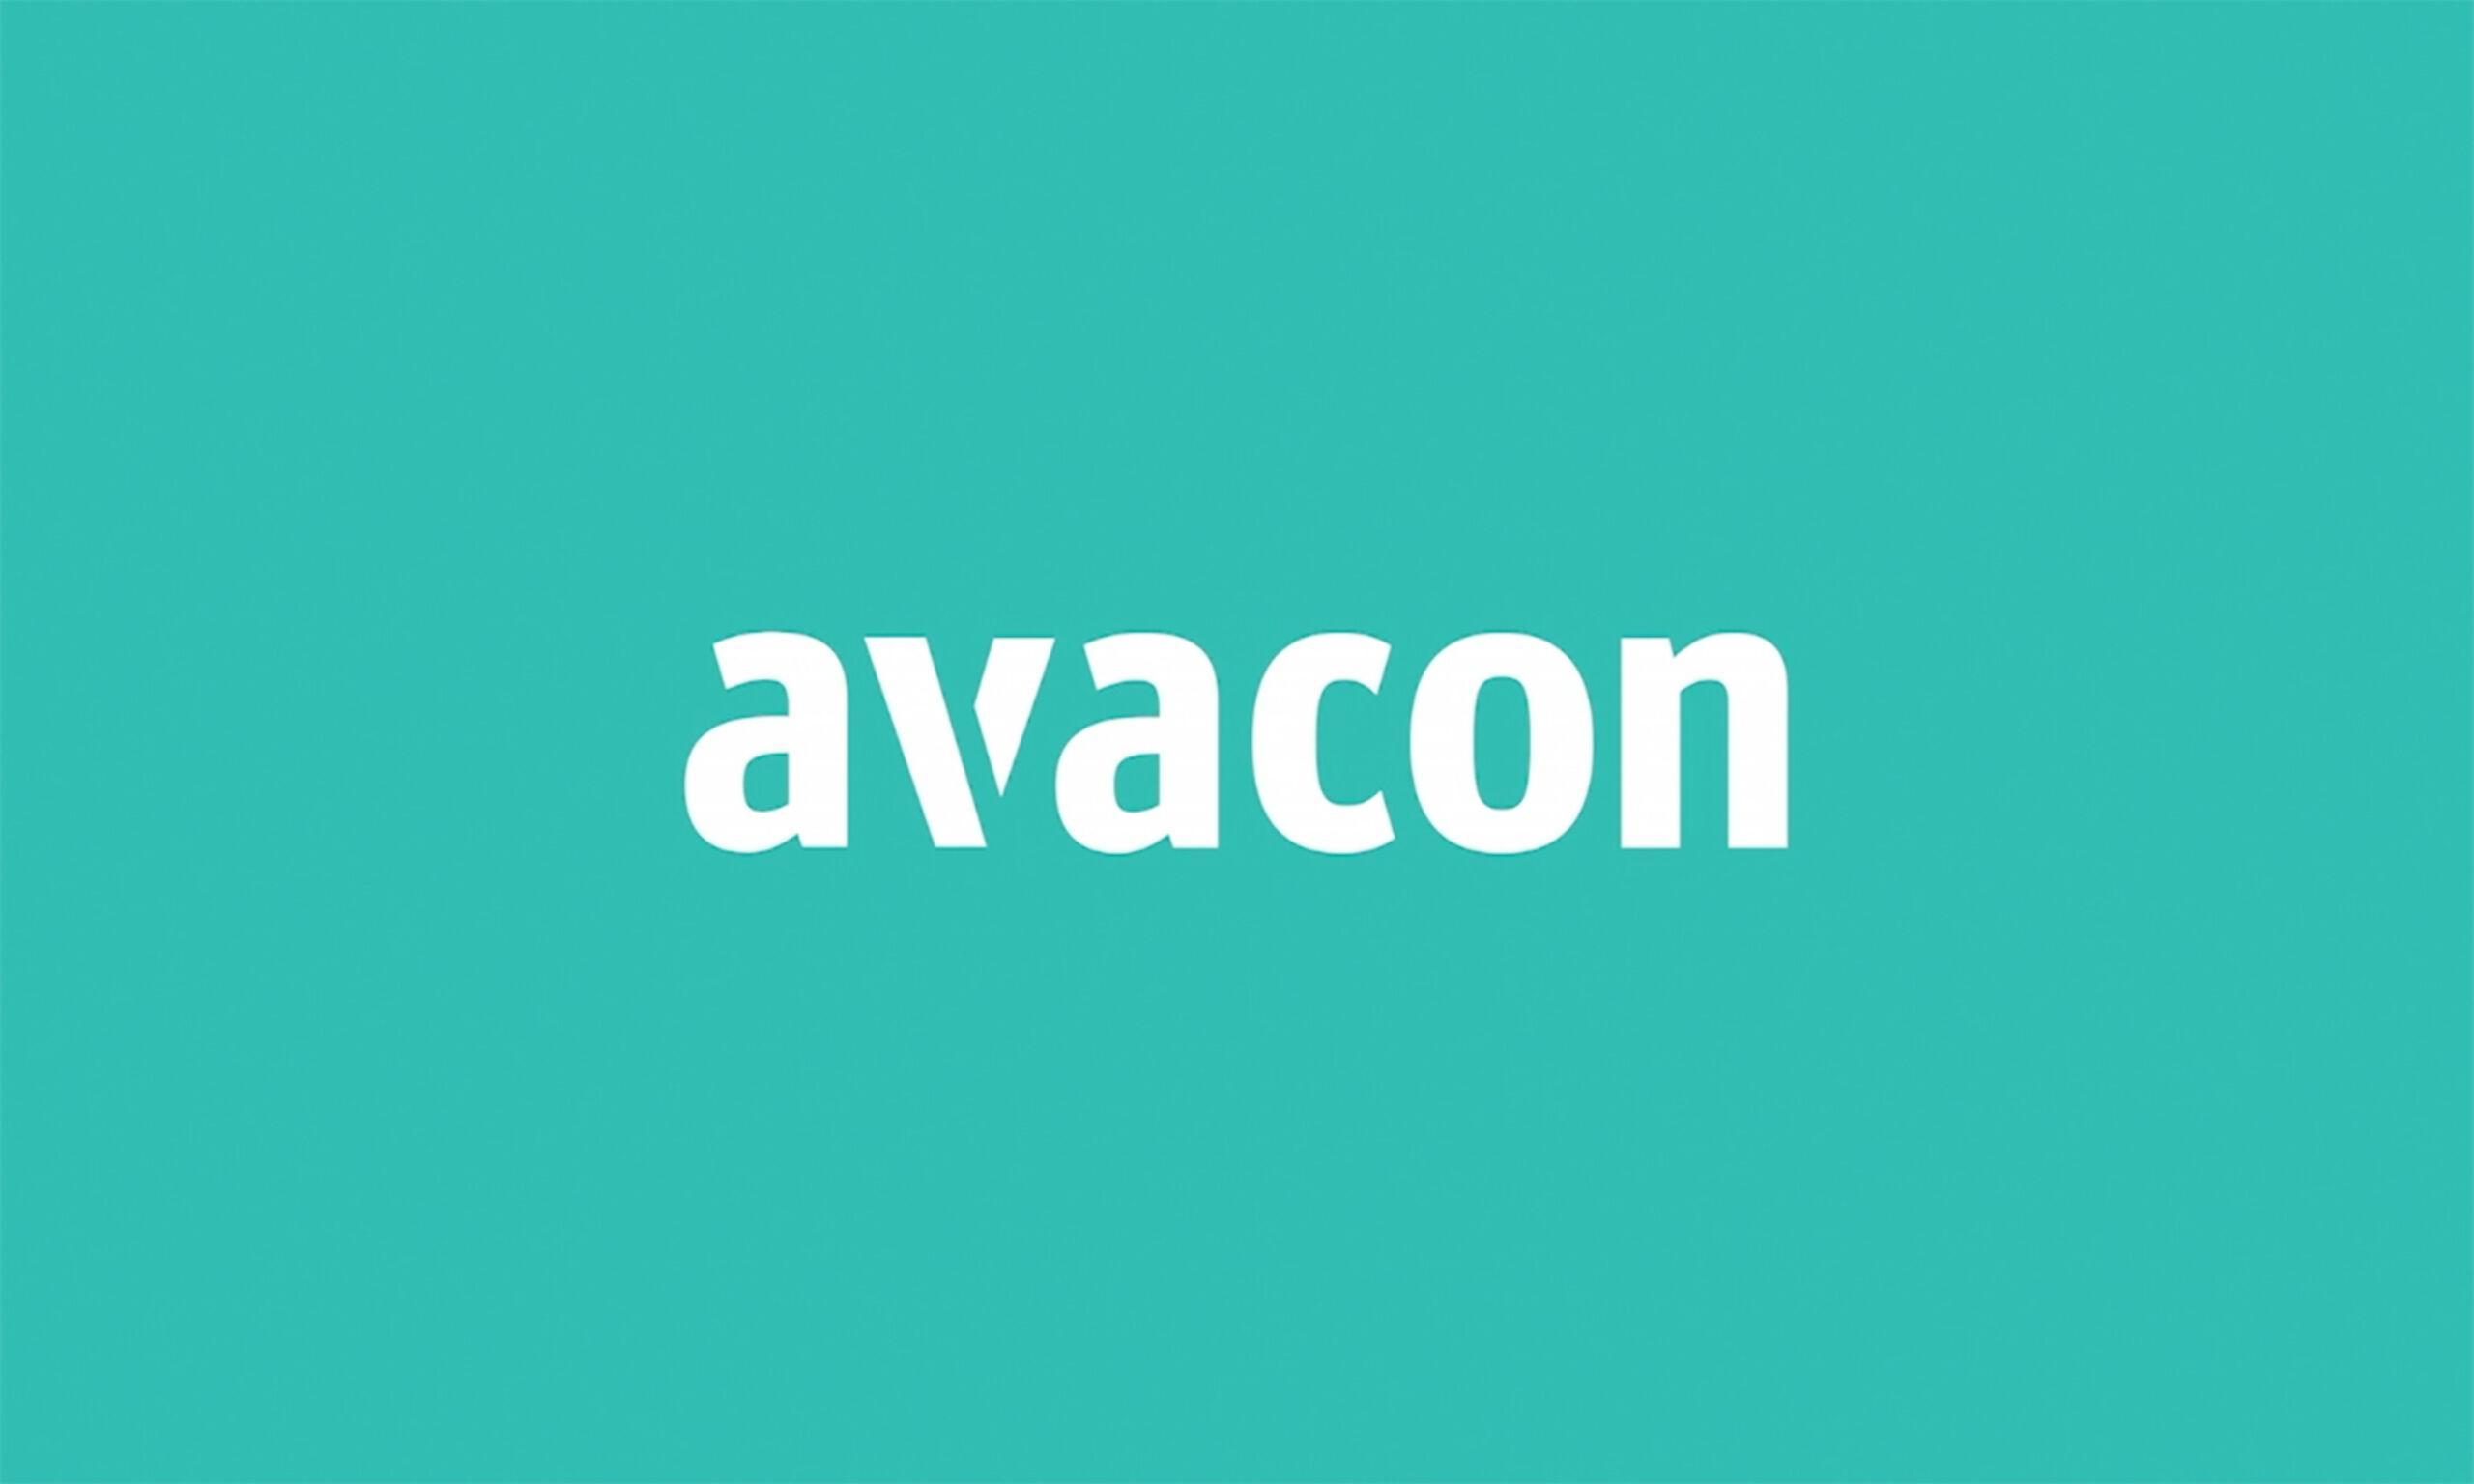 Aavon能源公司品牌形象升级